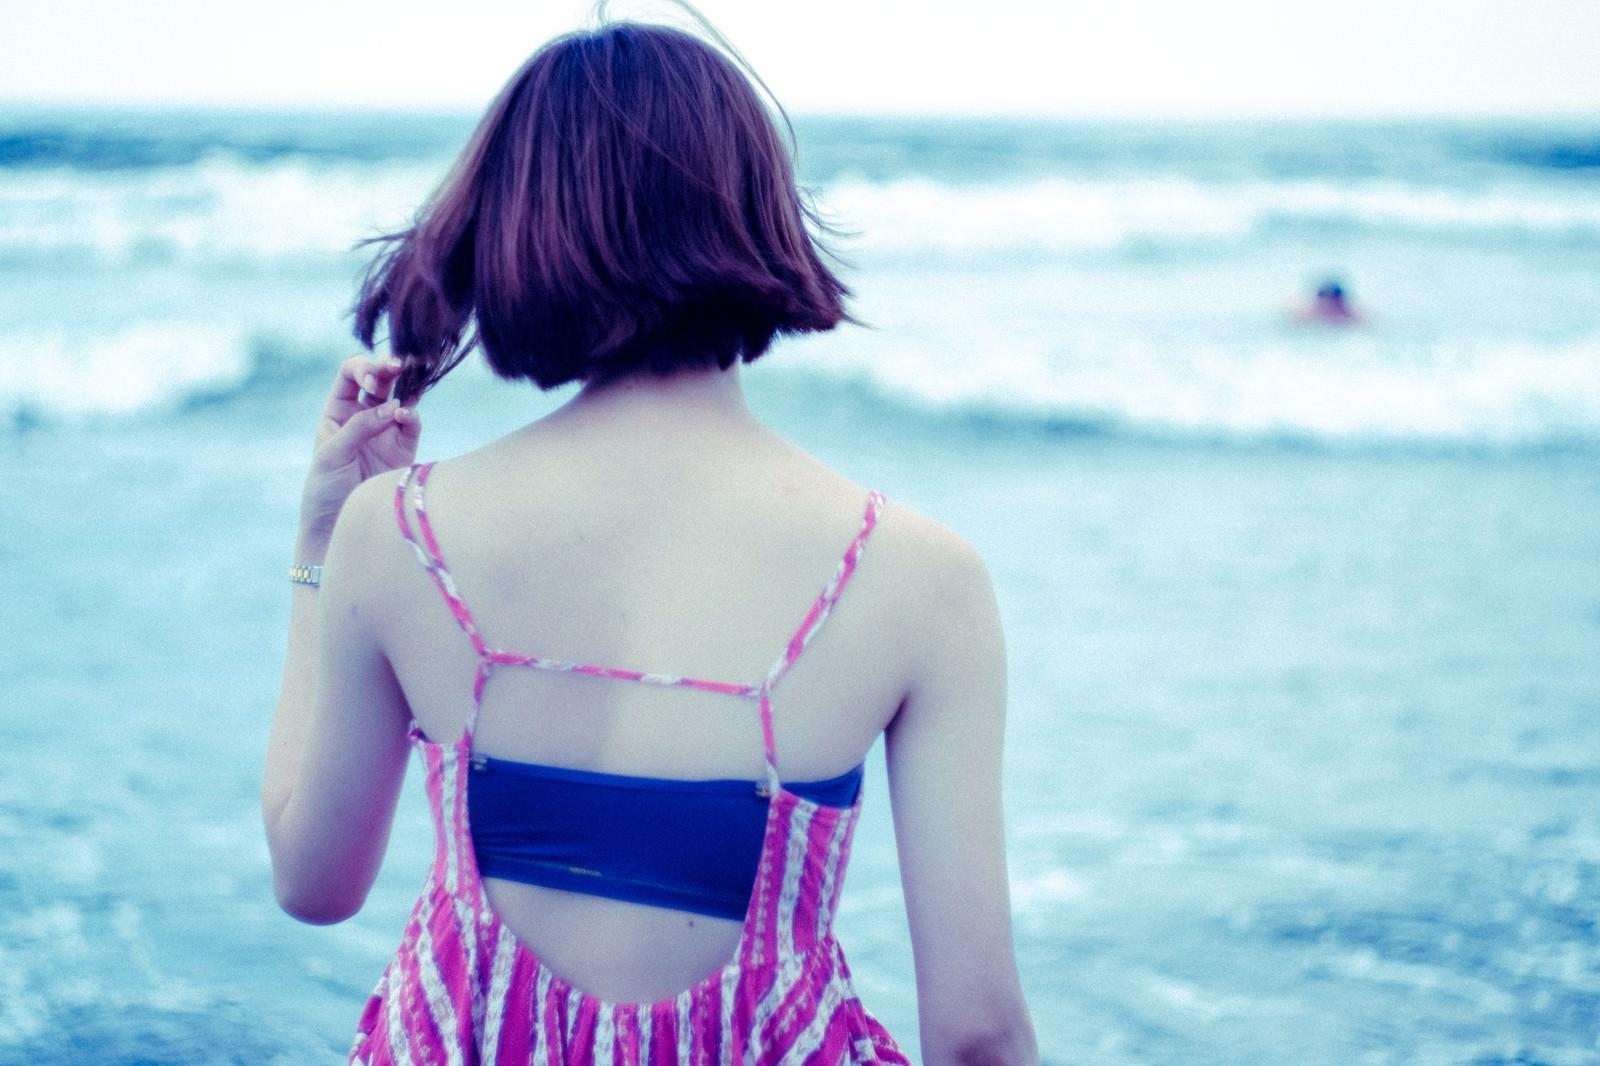 「波打ち際の女性の後姿(夏)」の写真